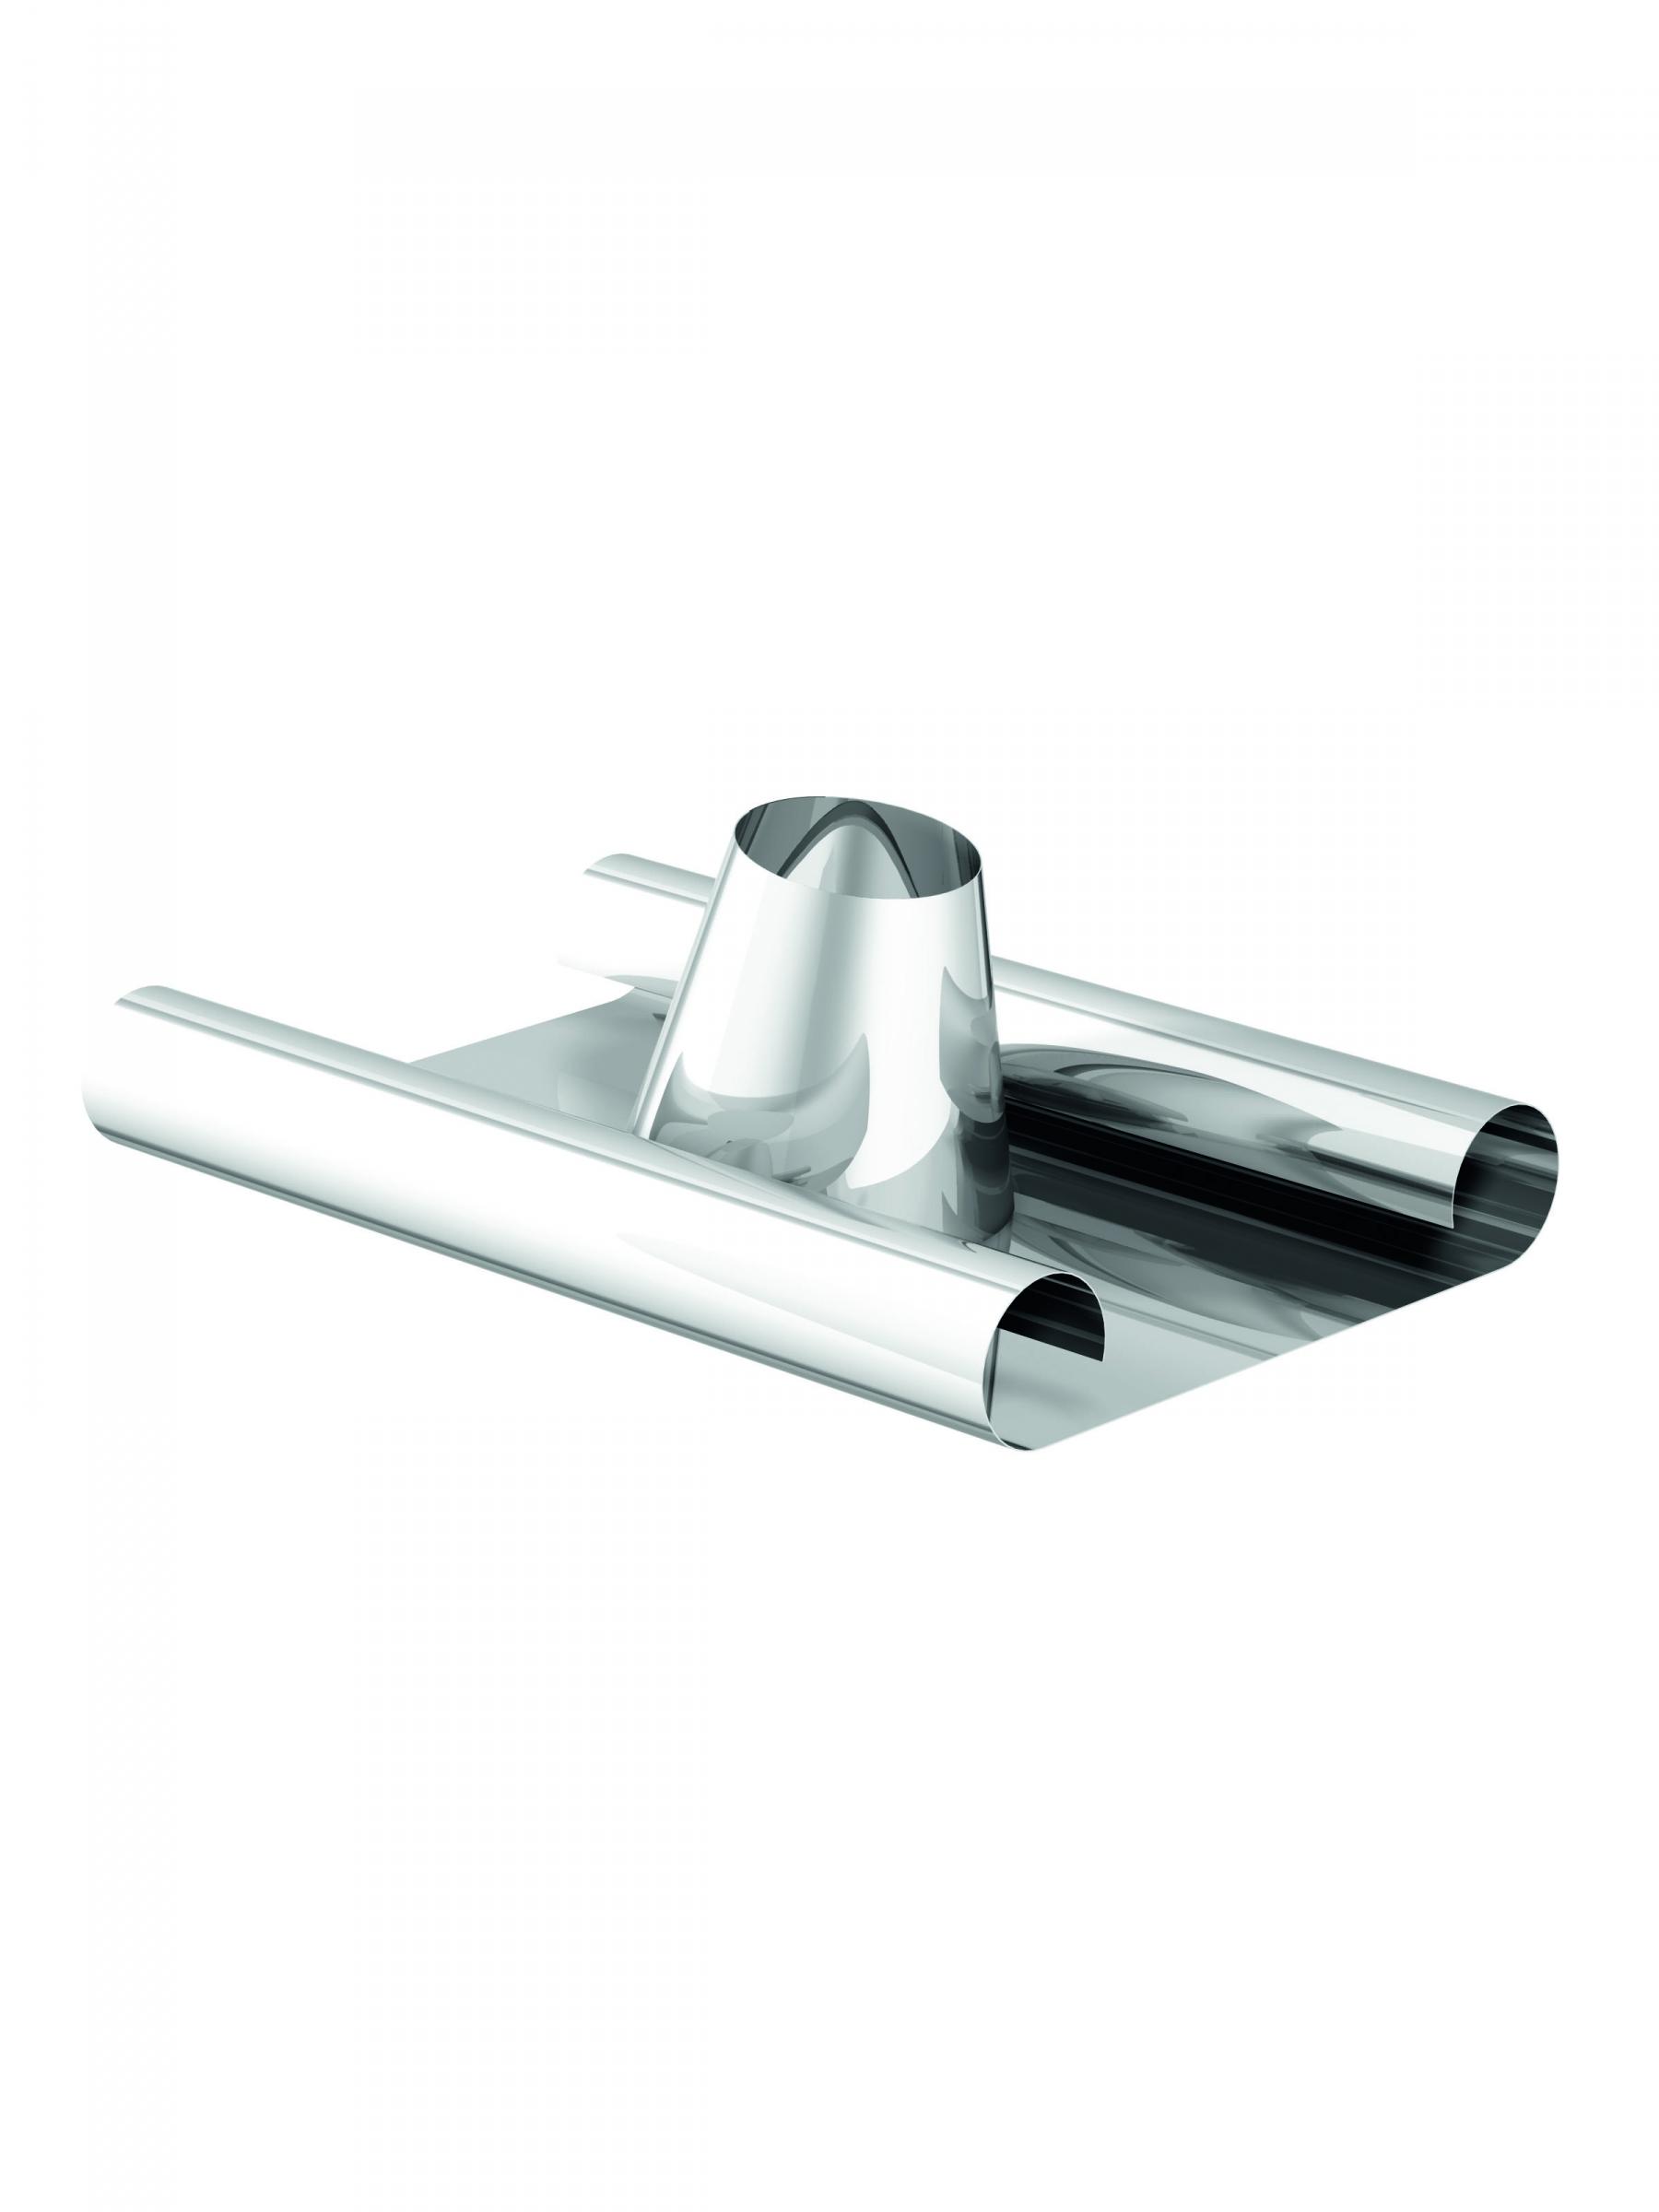 Solin pour toit de 10 35 r f conduits de fum e - Solin de toit ...